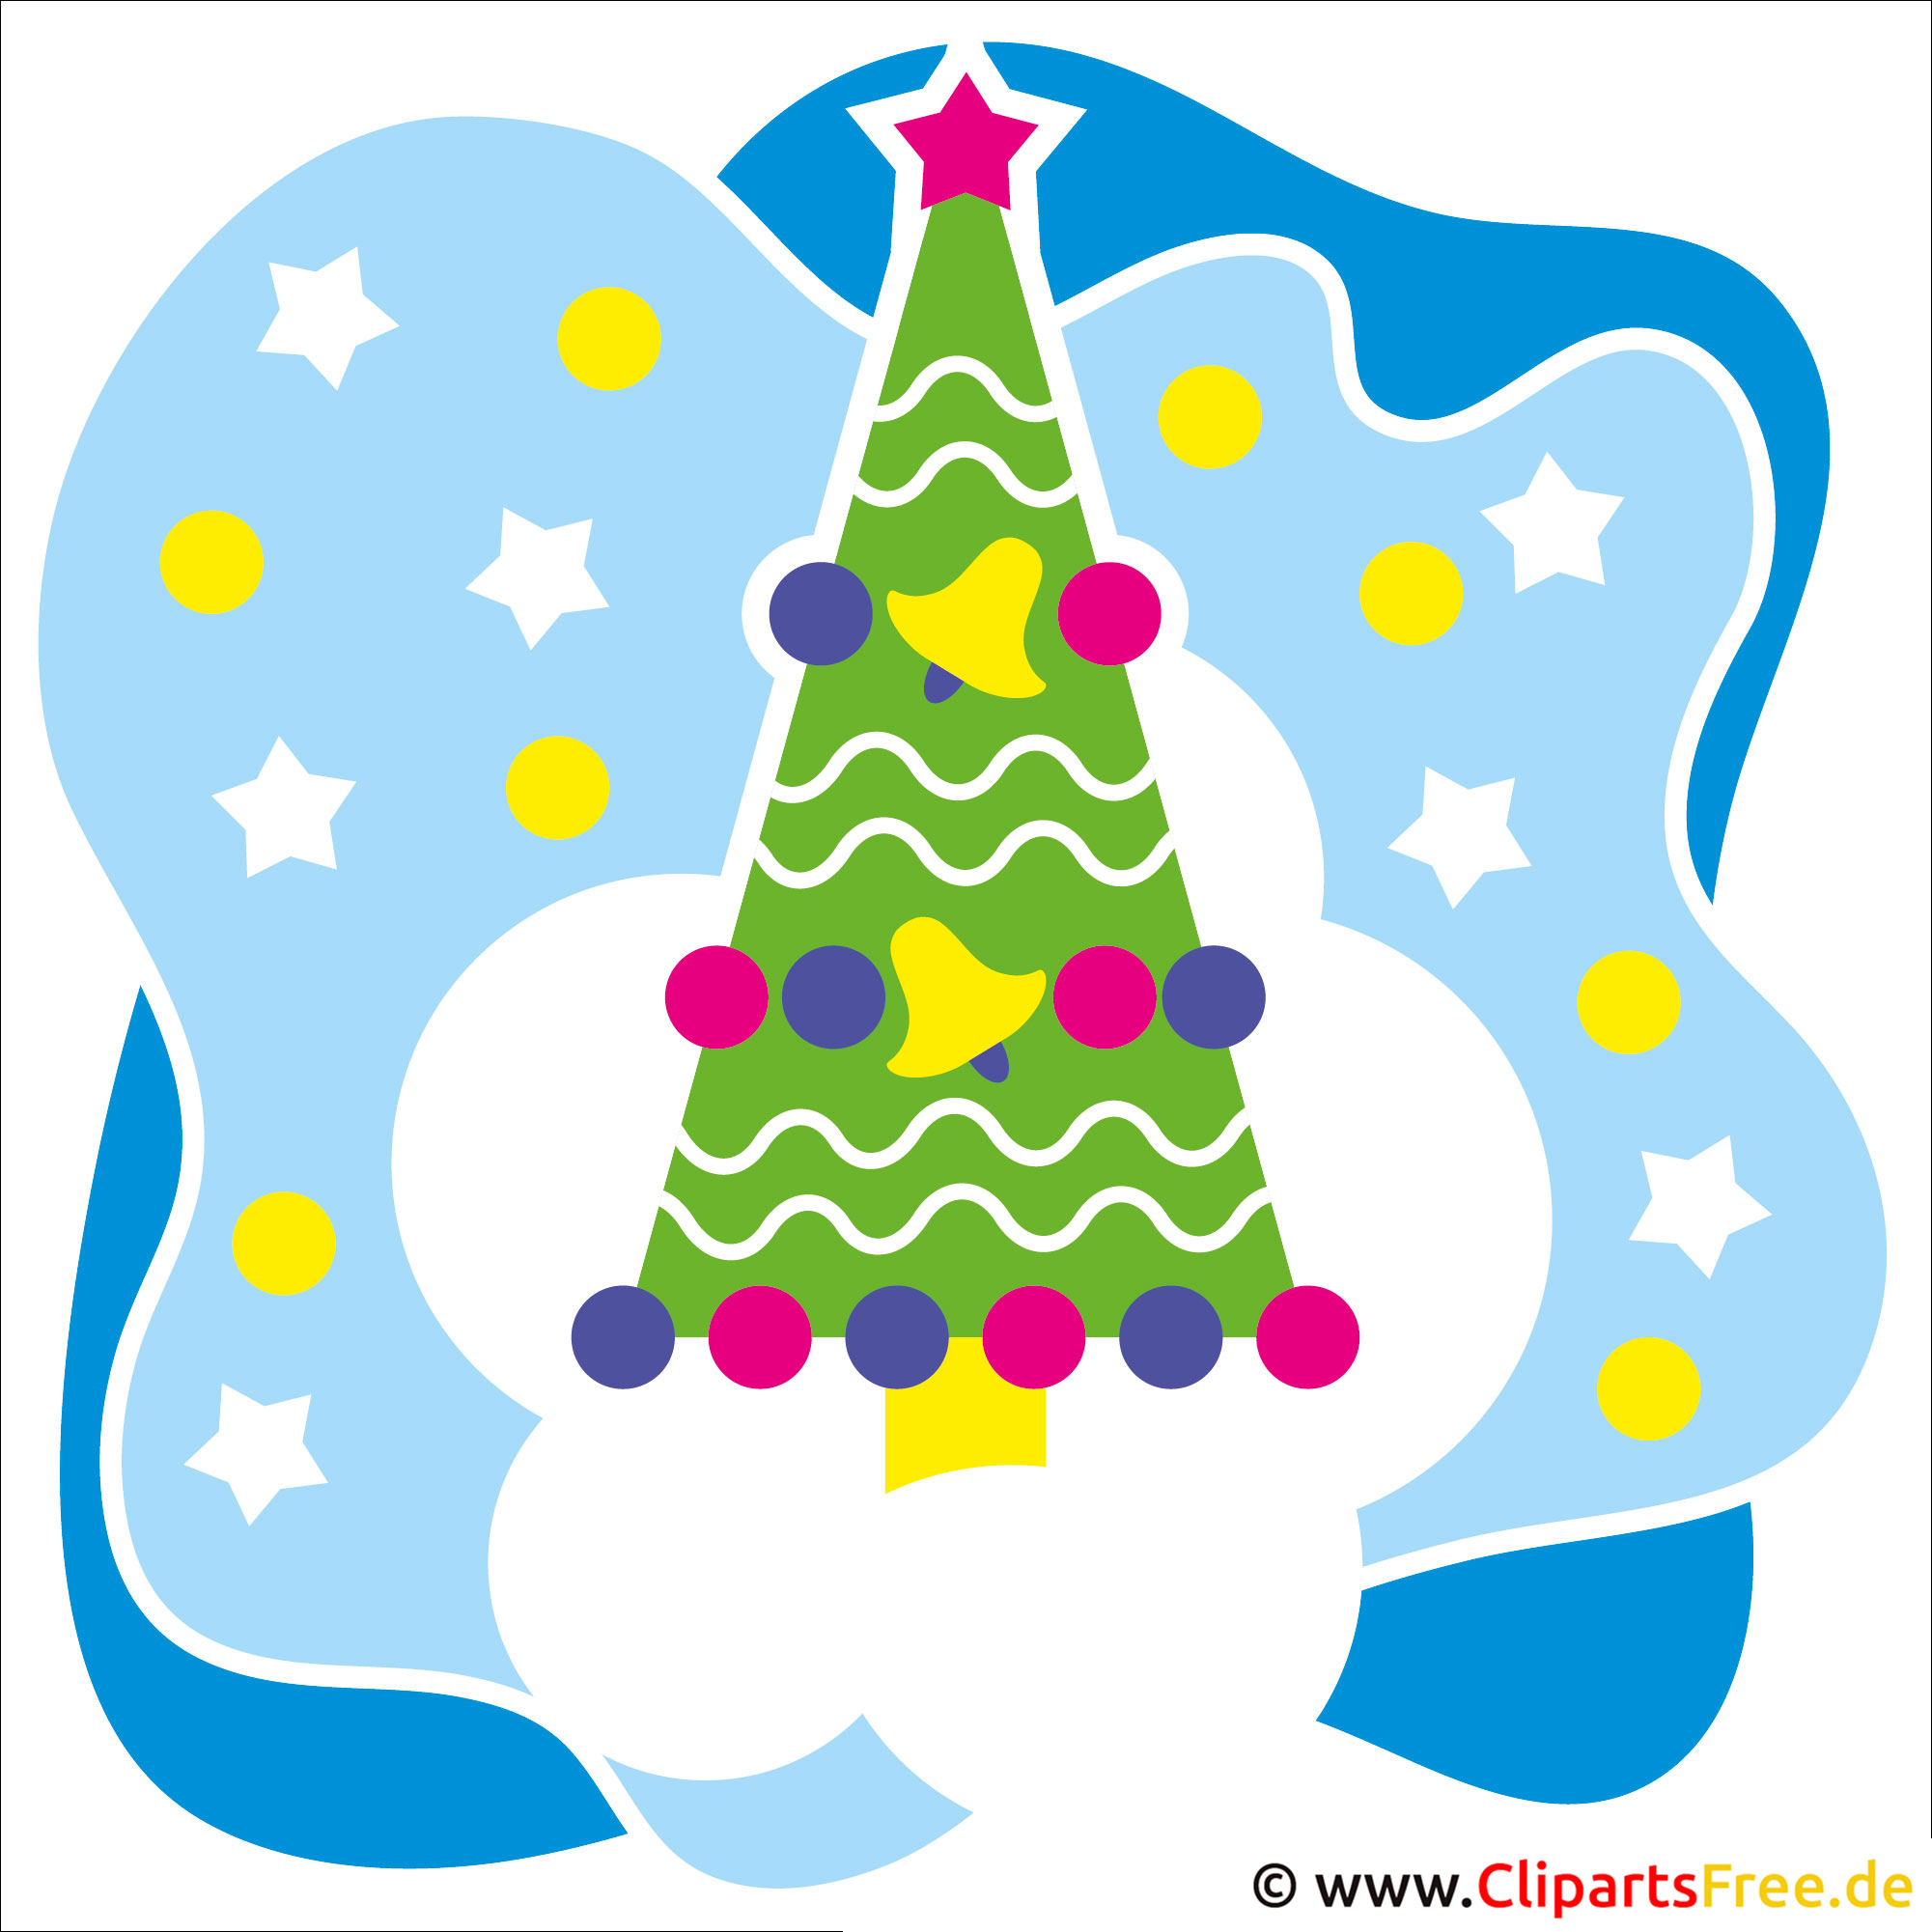 Clipart frohe weihnachten kostenlos - Grafik weihnachten kostenlos ...